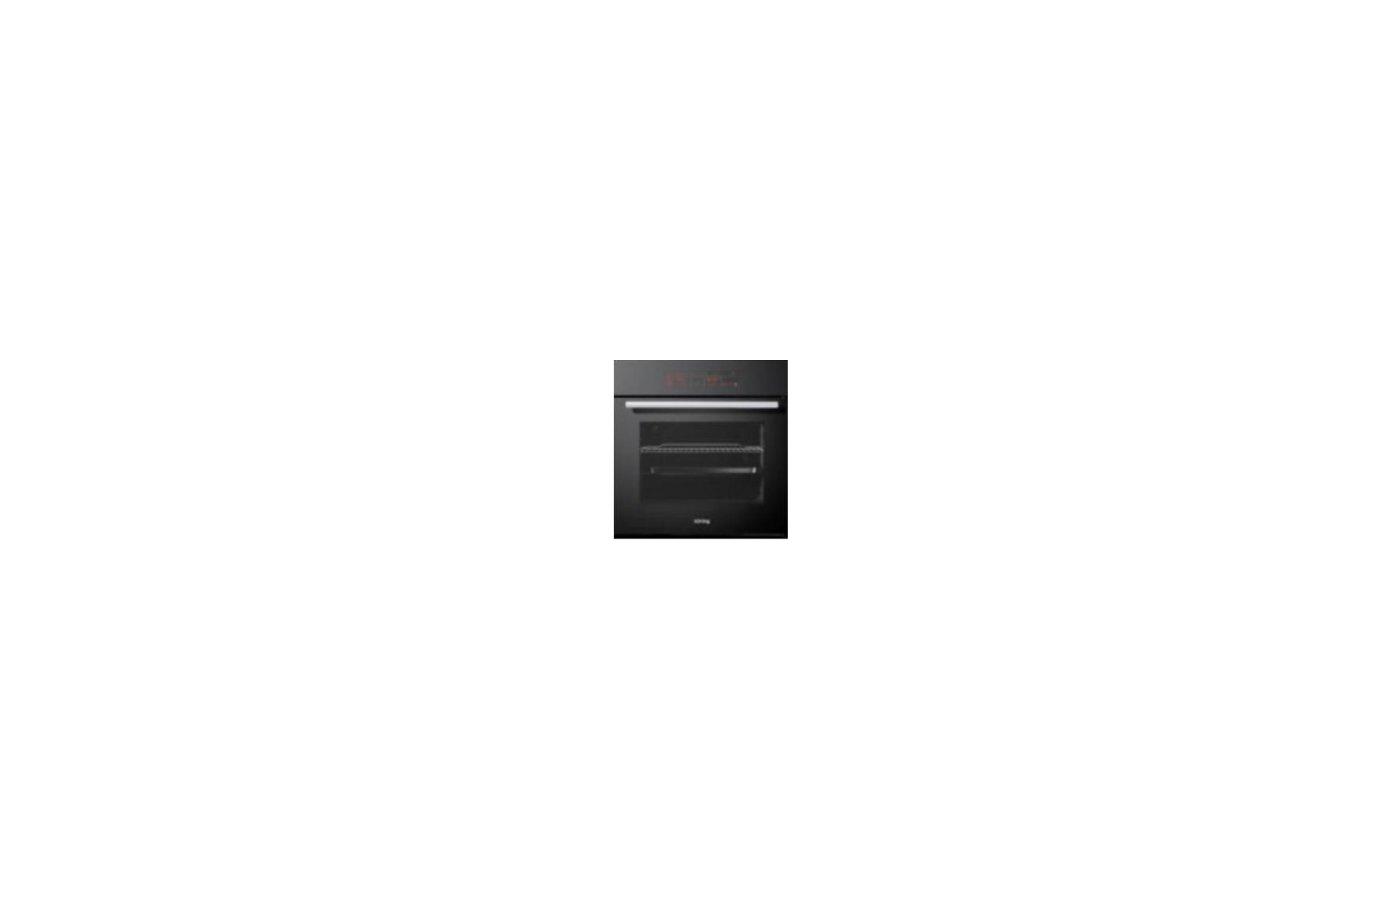 Духовой шкаф KORTING OKB 9123 CMGN